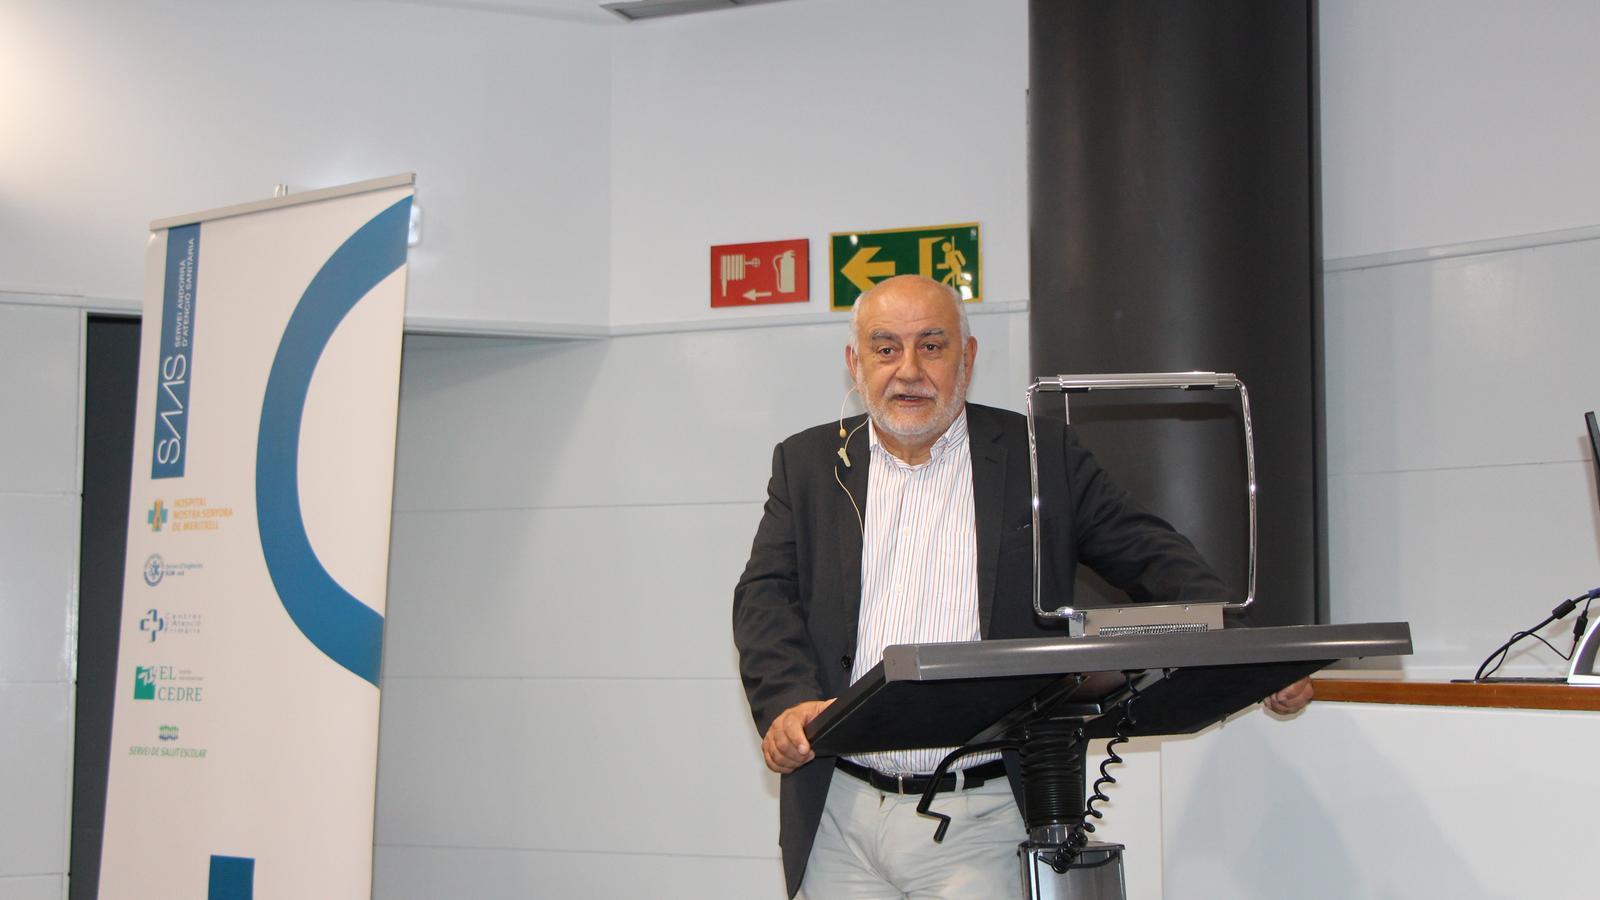 El cardiòleg Josep Brugada ha mostrat la seva voluntat d'implantar una clínica cardiovascular al país. / A.S.